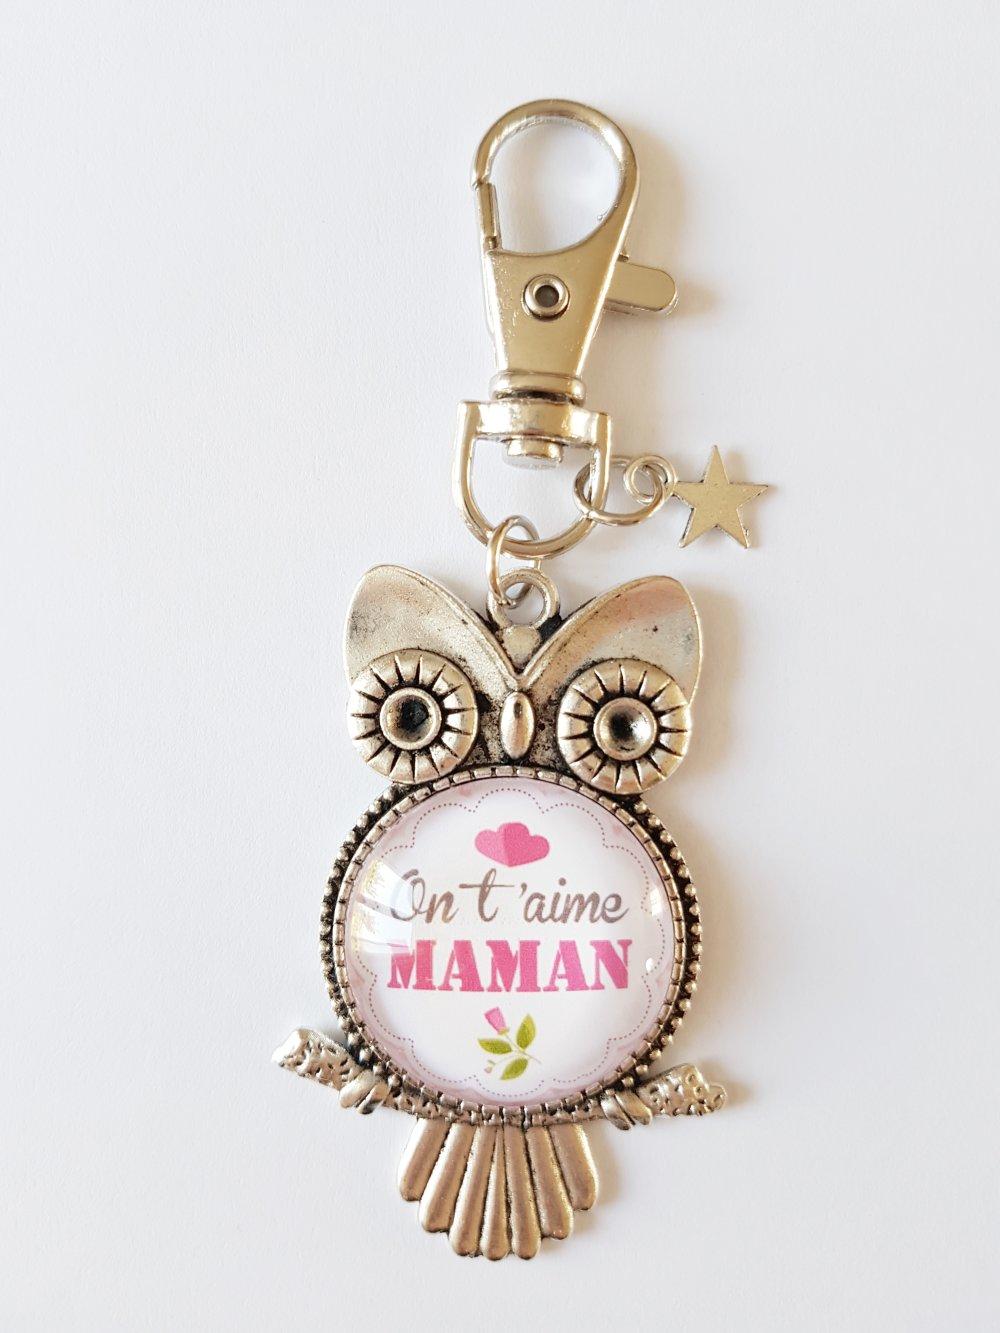 Porte-clef hibou chouette ON T'AIME MAMAN Idée cadeau maman noël fête des mères  anniversaire